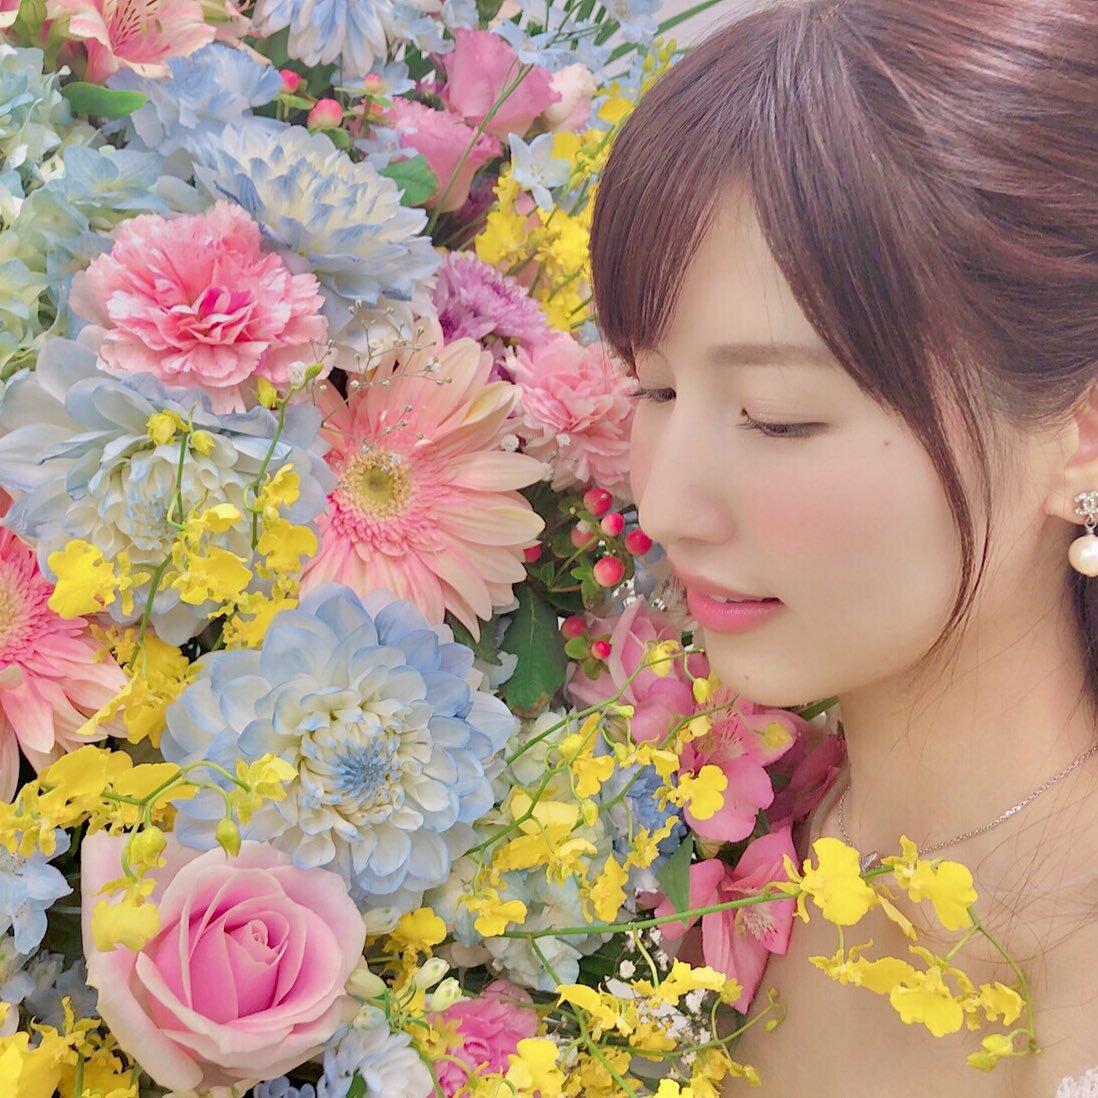 【桜空ももエロ画像】スリムで美巨乳!桜空ももの絶品Gカップボディ!(;´Д`)